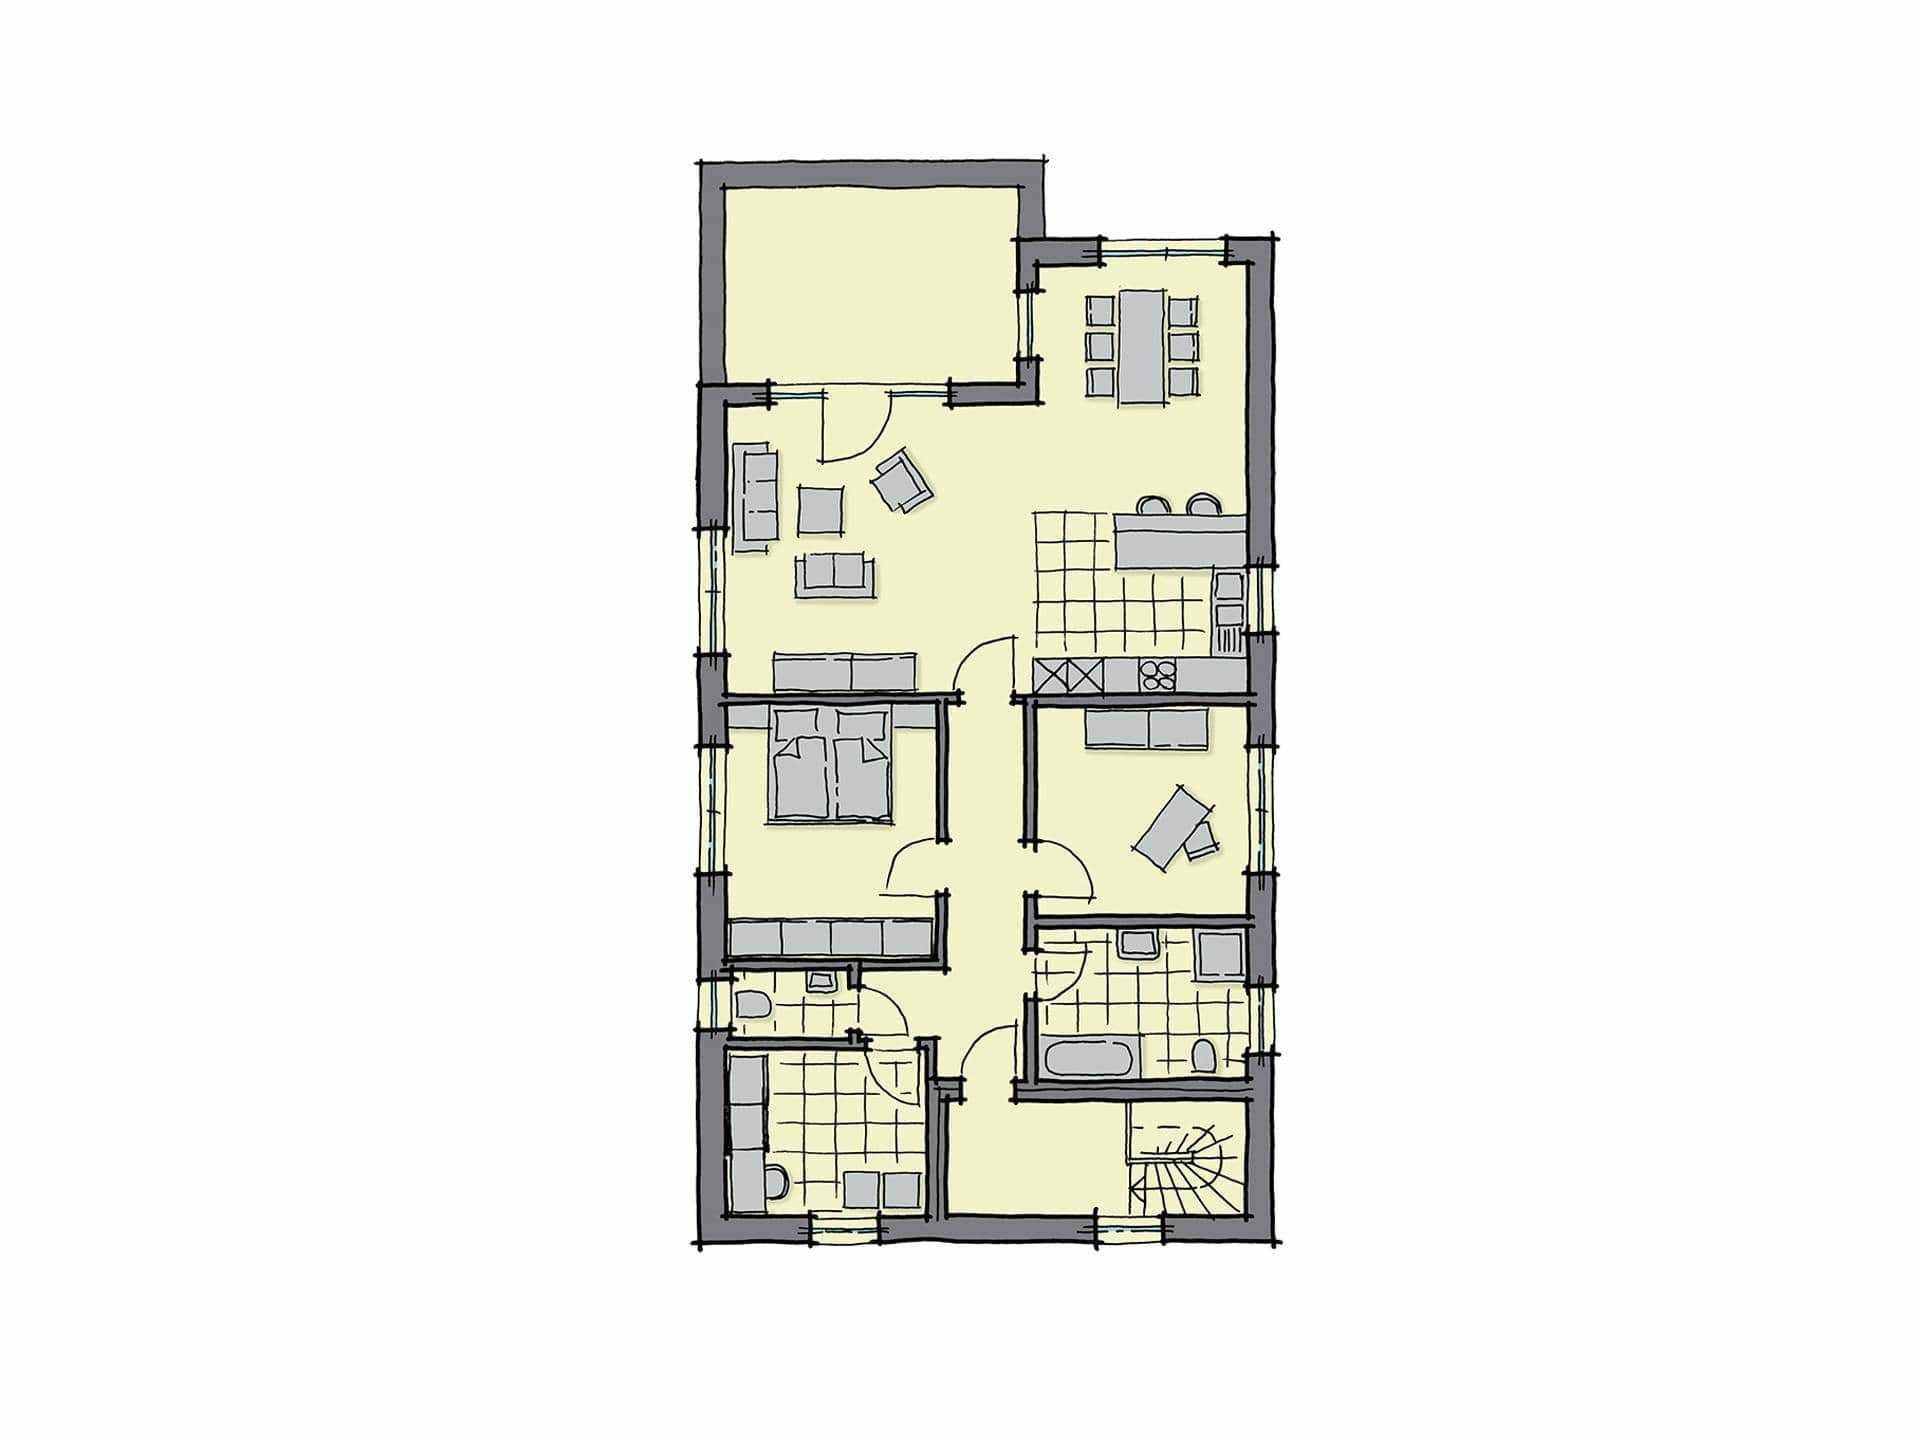 zweifamilienhaus bauen h user anbieter preise vergleichen. Black Bedroom Furniture Sets. Home Design Ideas